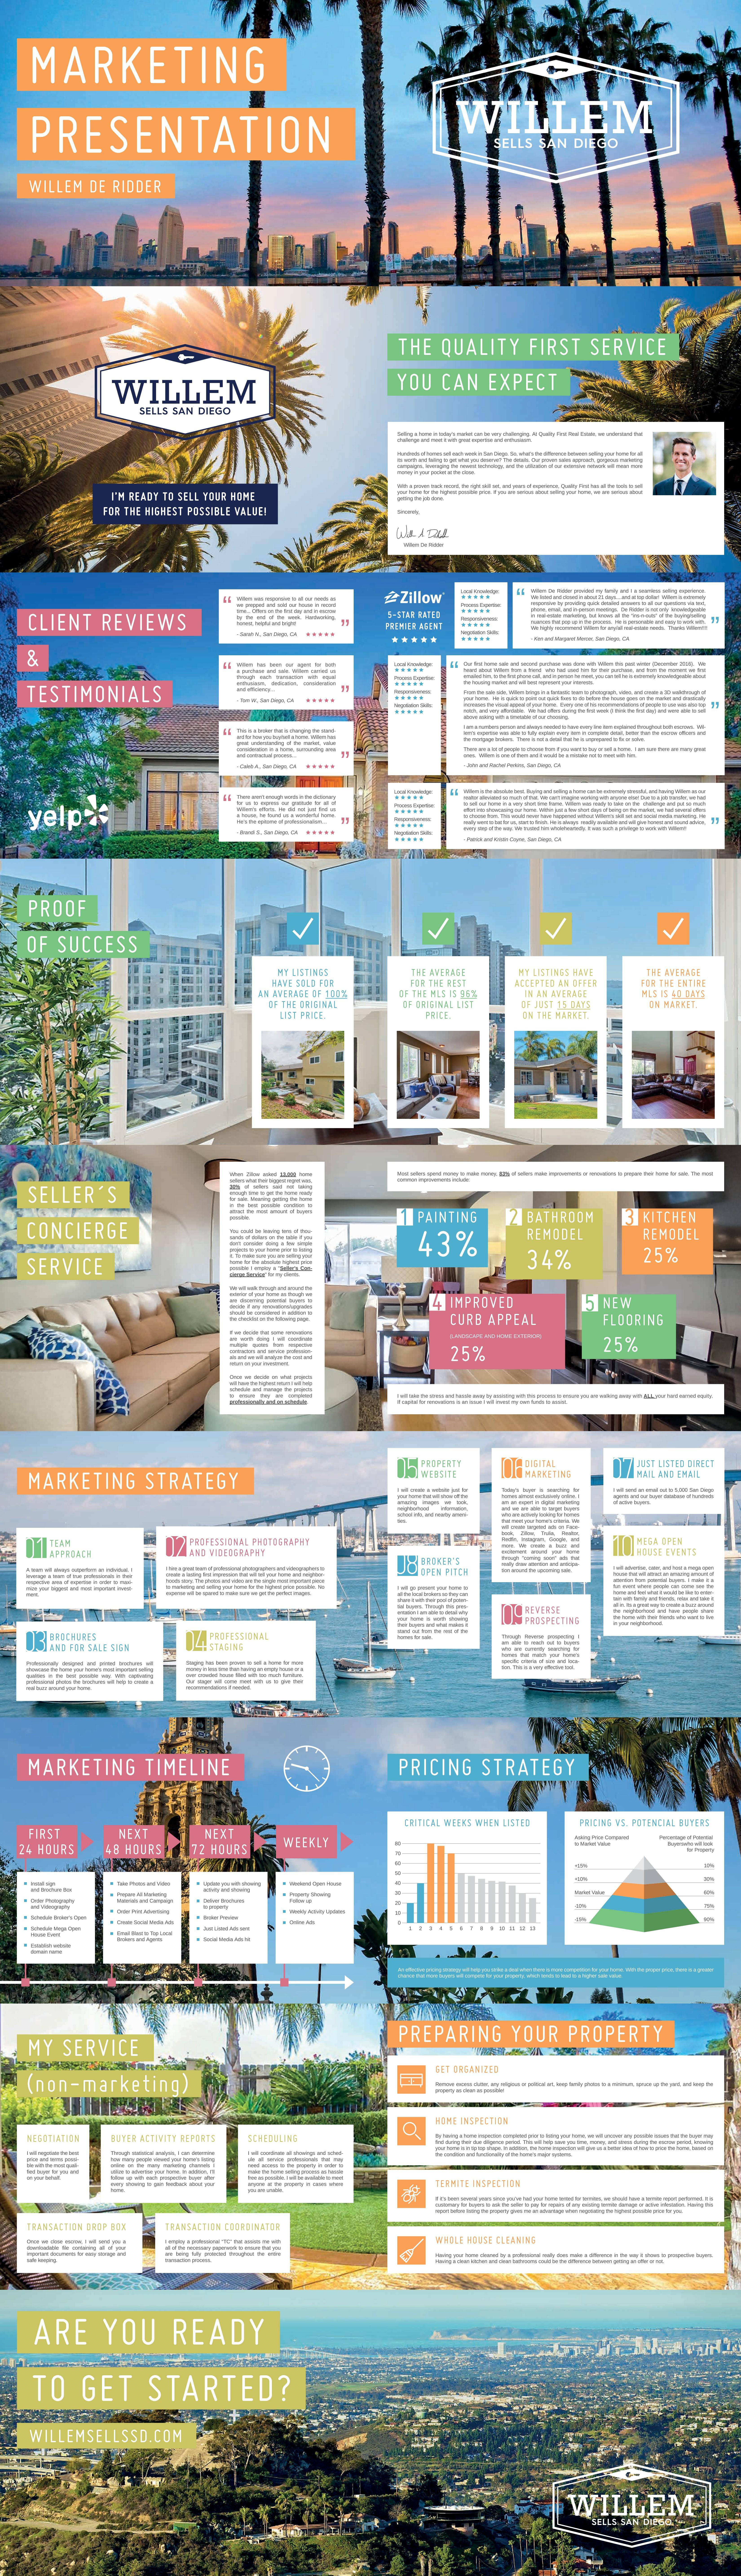 Design a sleek Real Estate Seller's Guide/Listing Presentation Marketing Packet